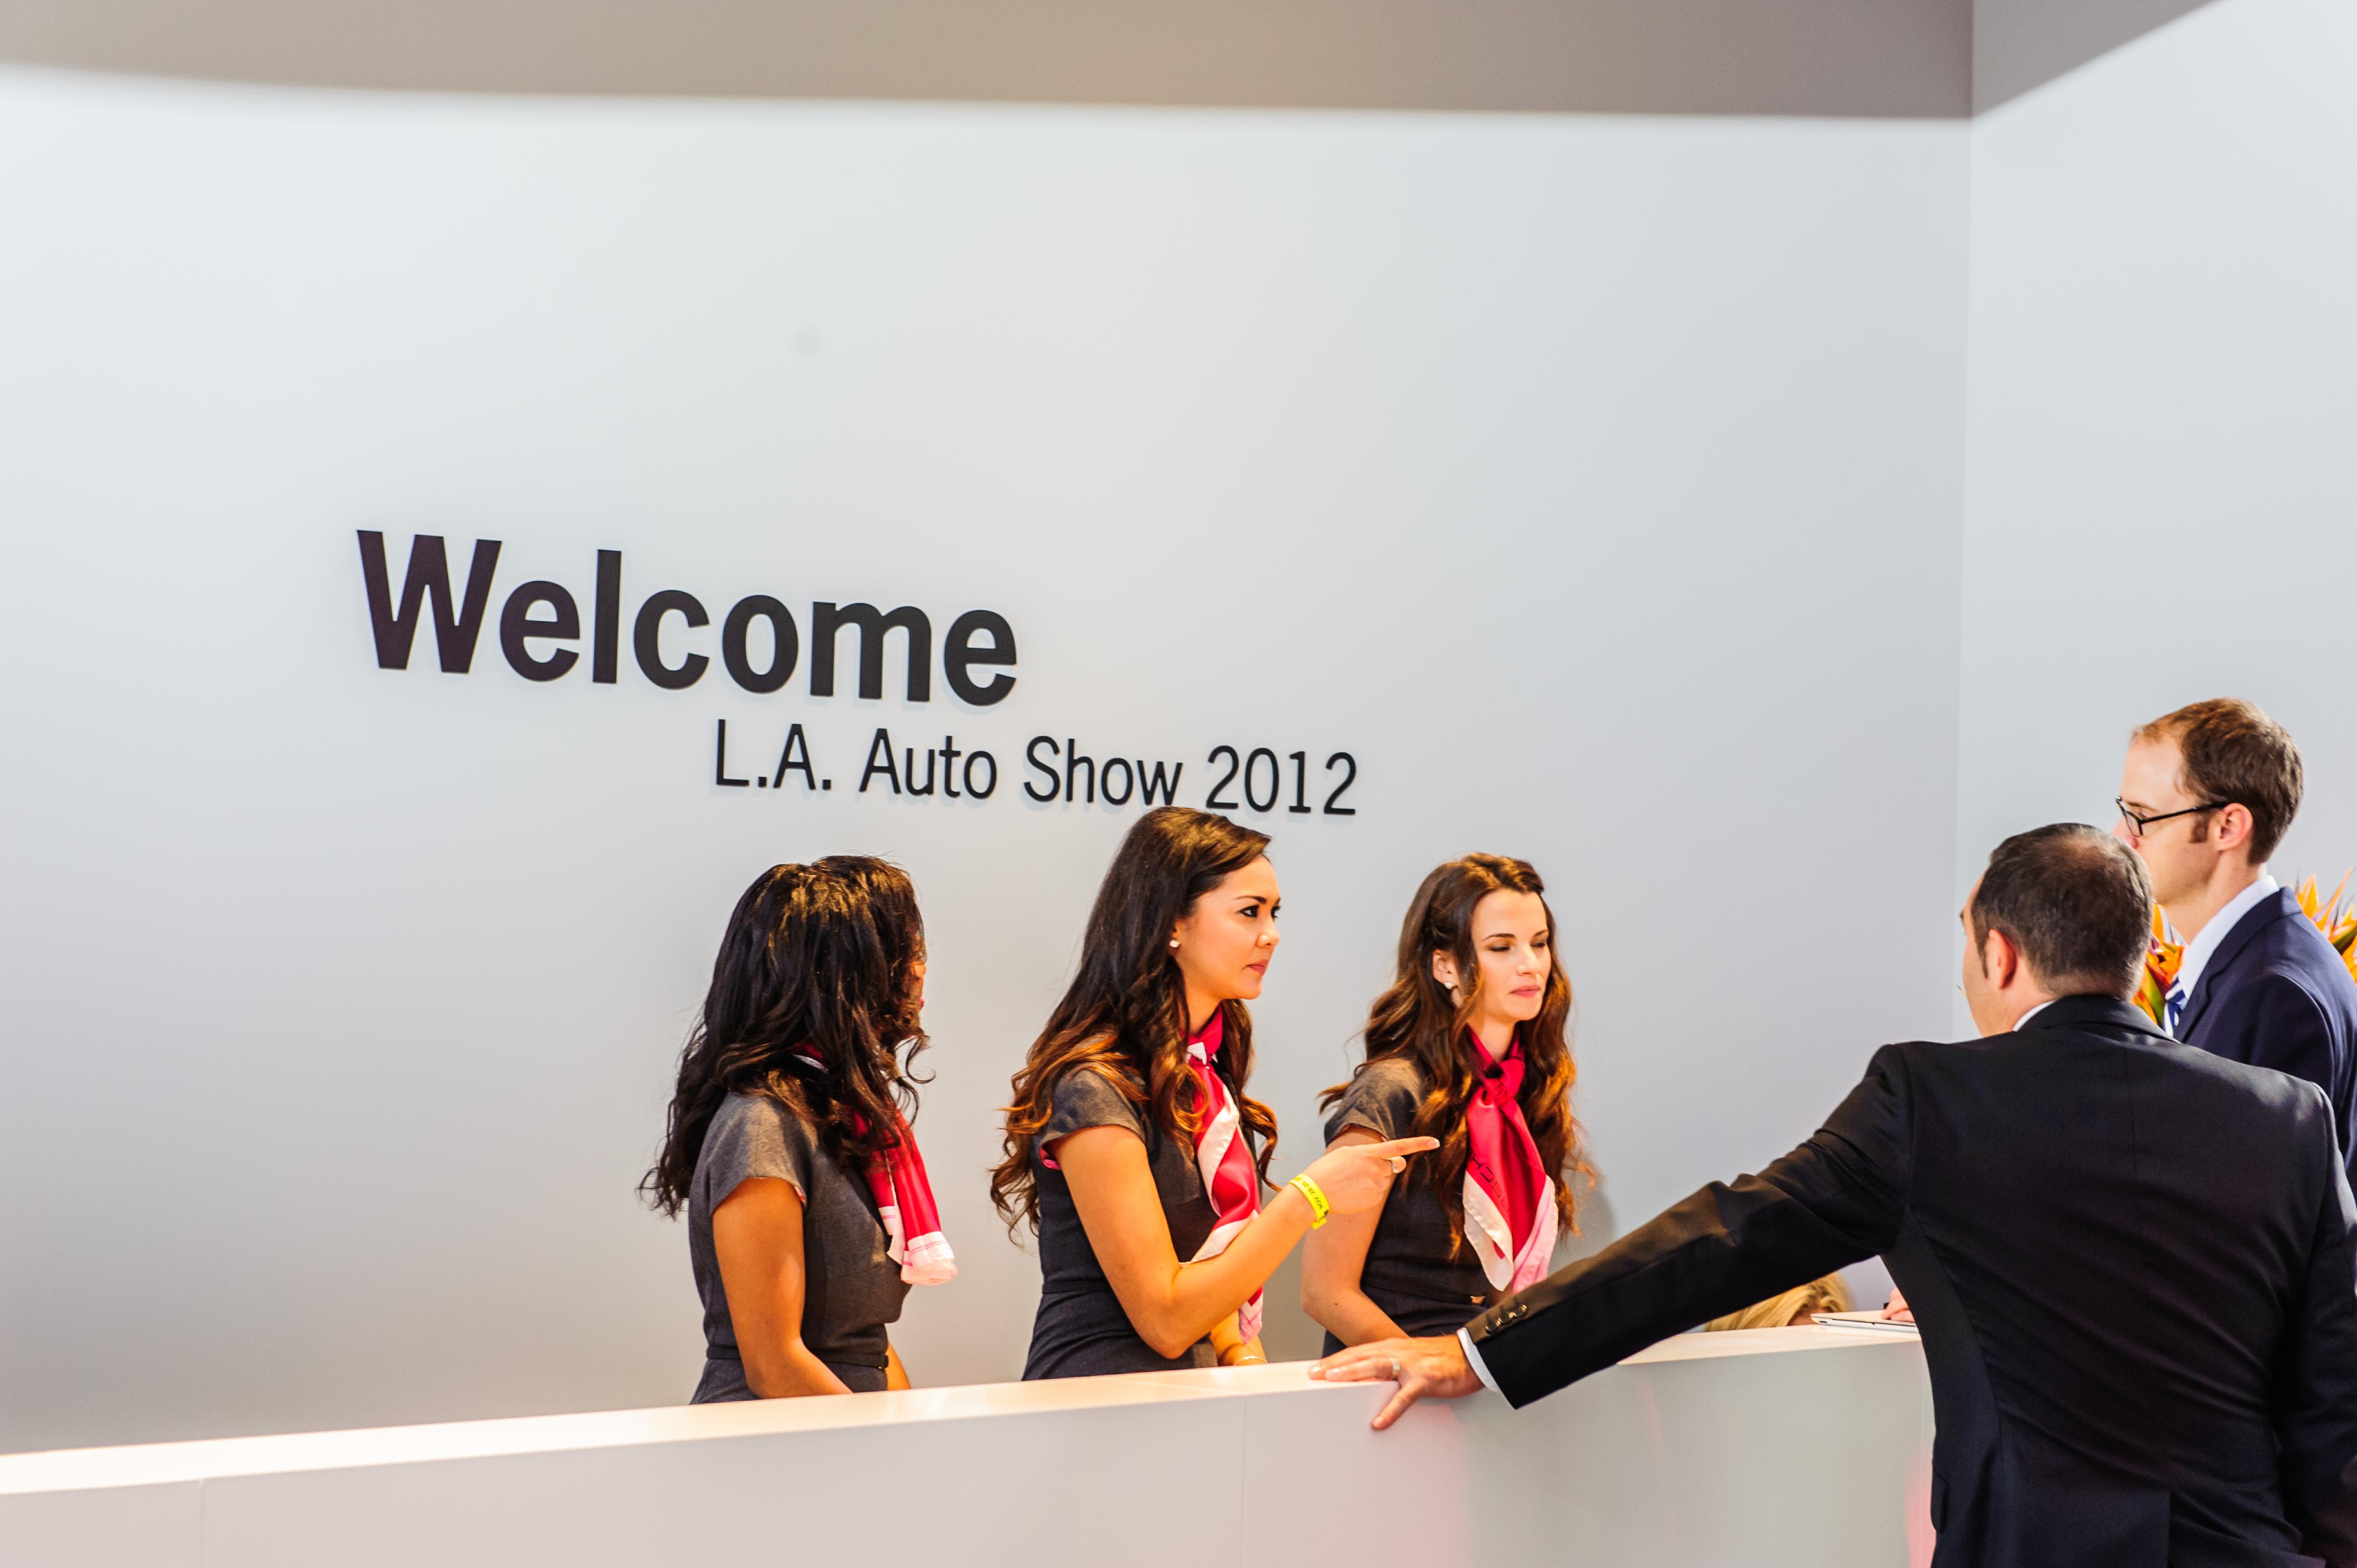 2012 L.A. Auto Show by lexster05